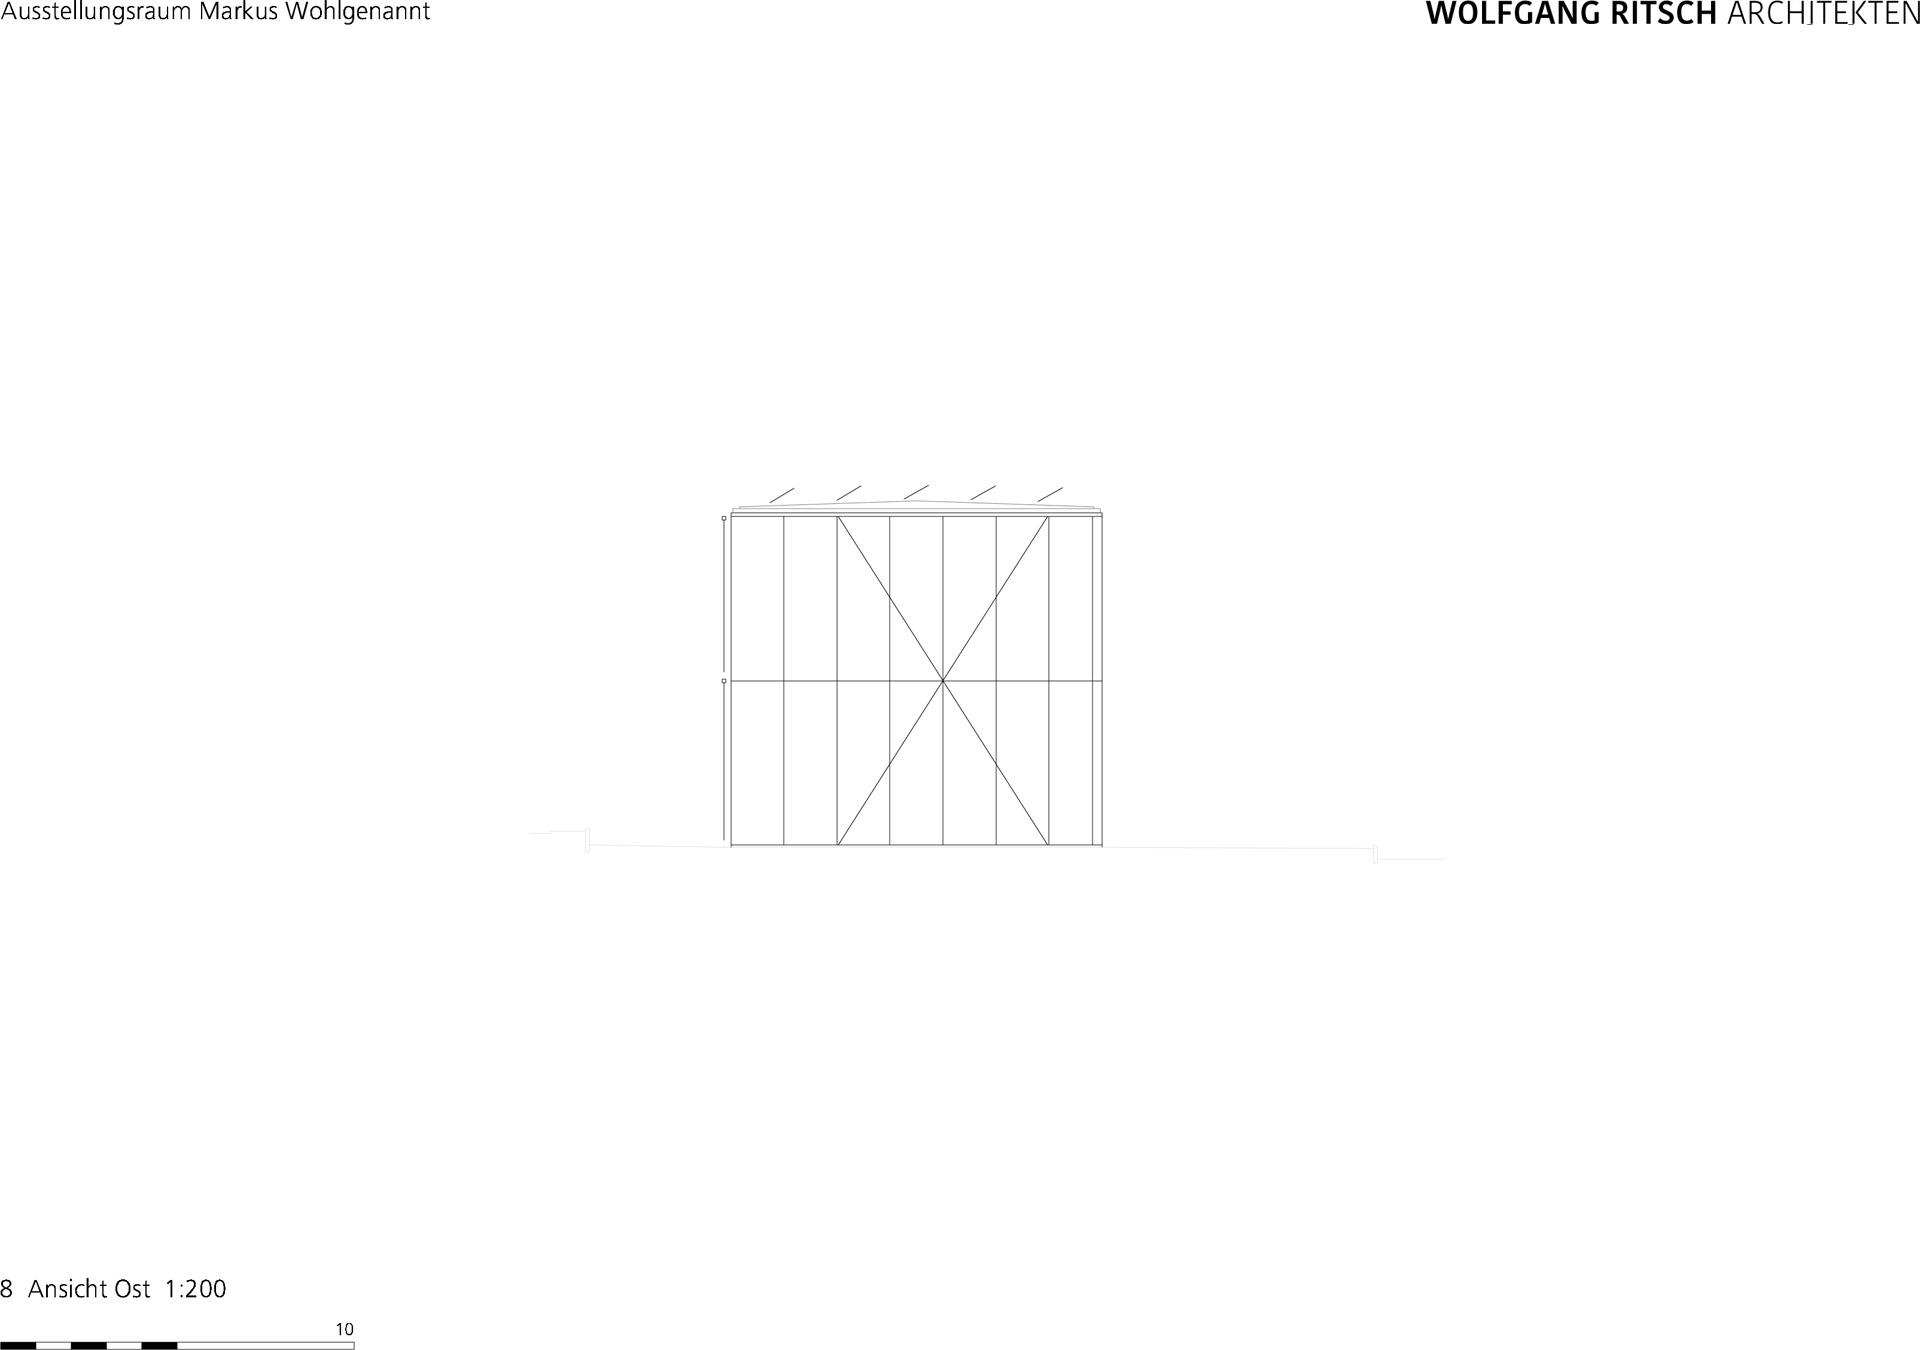 X:PROJEKTE70003980 Wohlgenannt2-PUBLIPLAN20-dwg921_Ansicht